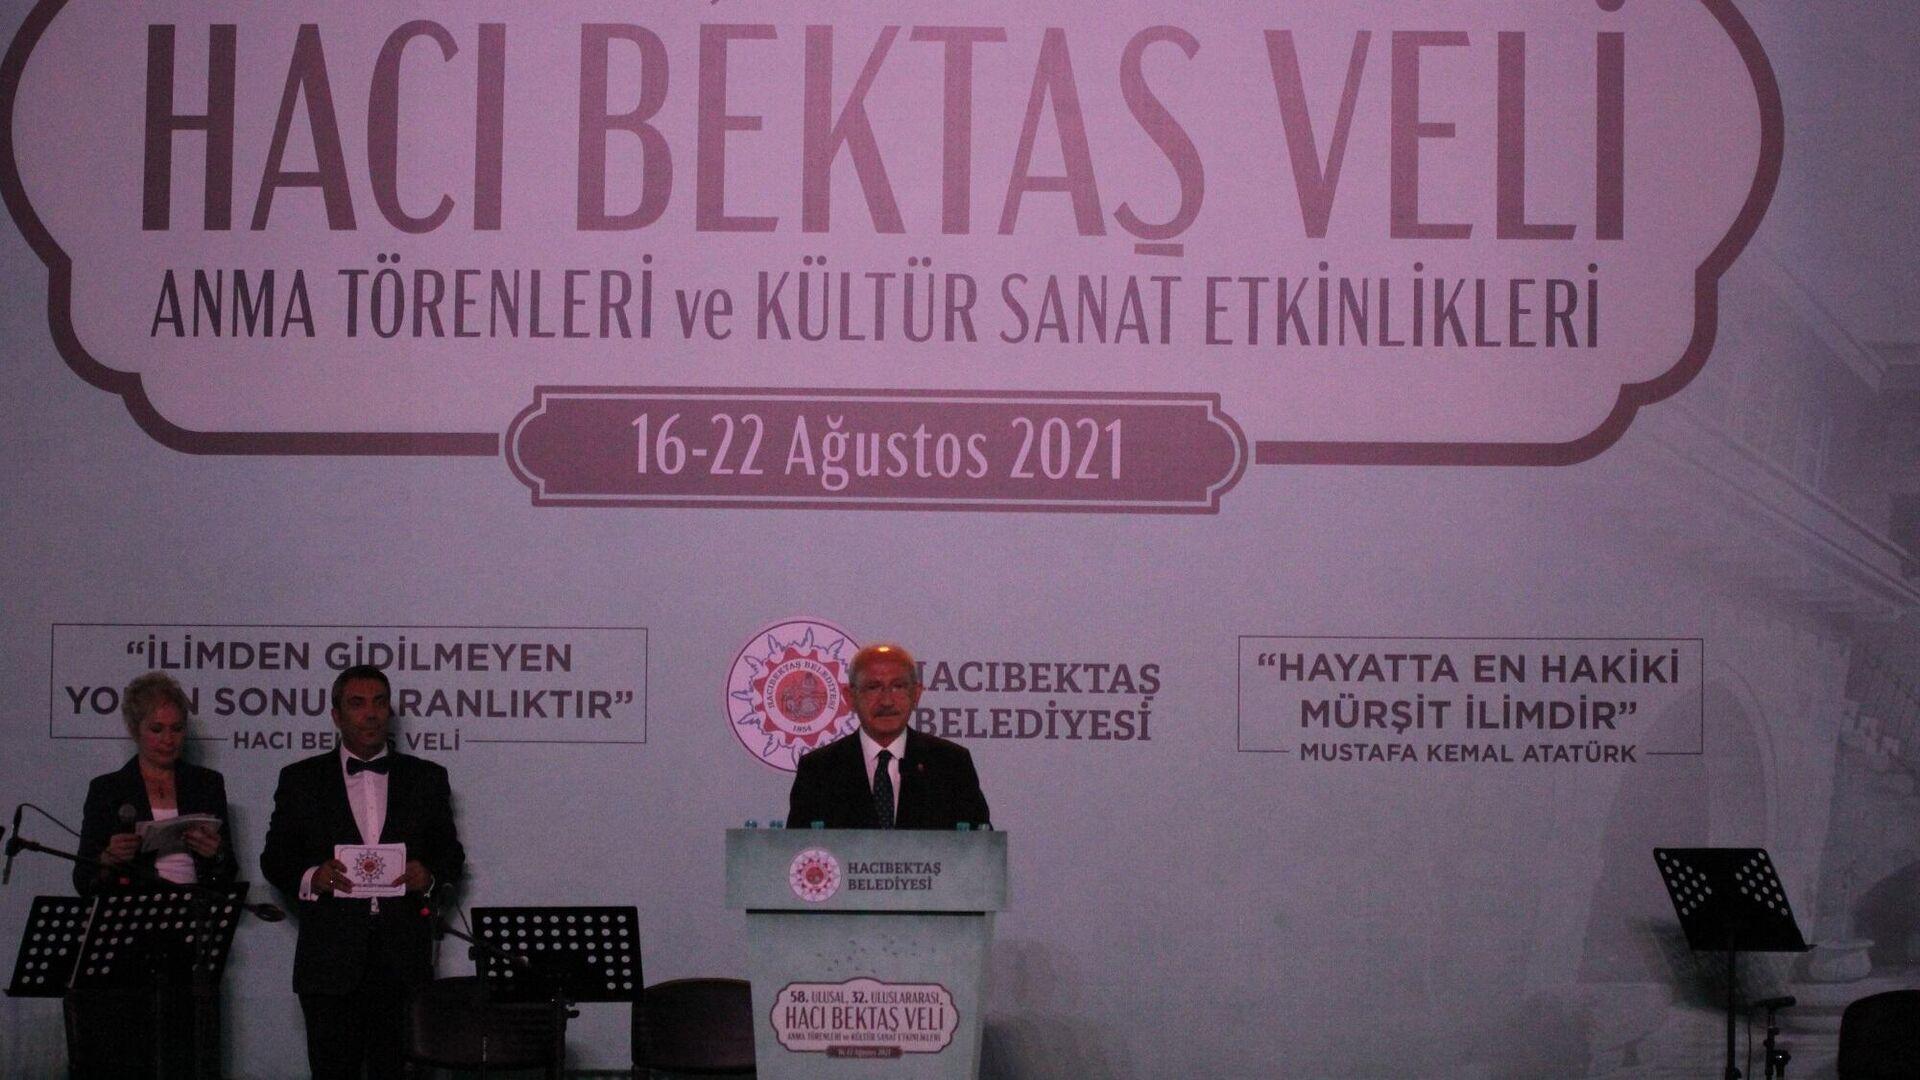 Ulusal 32. Uluslararası Hacı Bektaş Veli Anma Törenleri ve Kültür Sanat Etkinlikleri'ne katılan CHP Genel Başkanı Kemal Kılıçdaroğlu  - Sputnik Türkiye, 1920, 21.08.2021